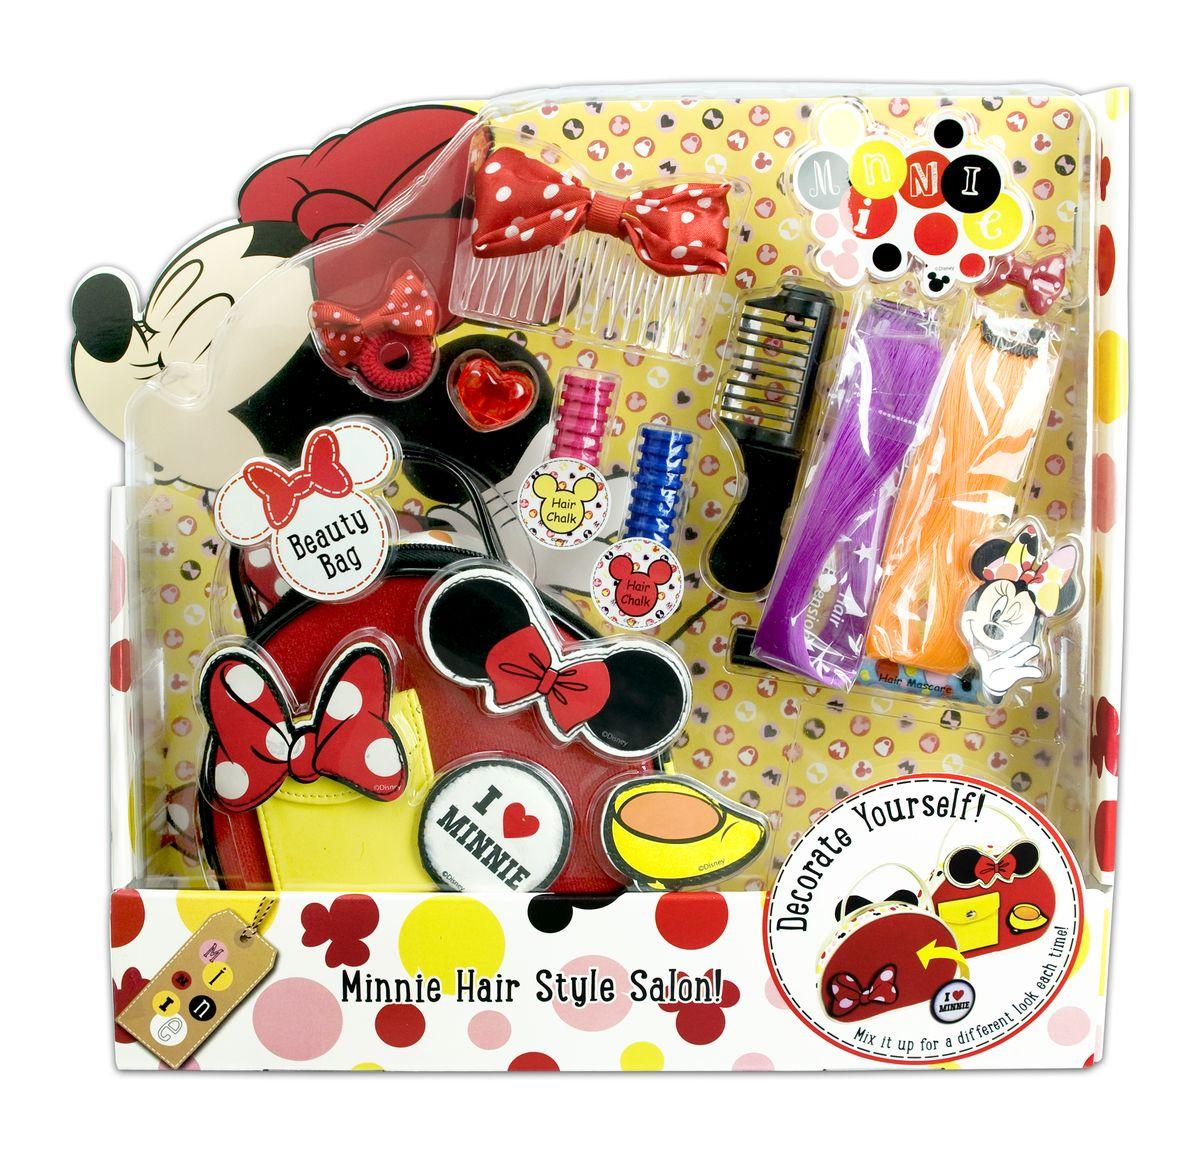 Markwins Игровой набор детской декоративной косметики Minnie 96055519605551Набор детской декоративной косметики Markwins - отличный подарок для девочек! Набор предназначен для создания стильных, оригинальных причесок. Для этого в комплект входит все самое необходимое - заколки, резиночки и другие интересные аксессуары. Хранить их можно в удобной сумочке, которая также входит в комплект. Оформление упаковки особенно понравится поклонницам очаровательной стиляги - мышки Минни. Детская косметика Markwins создана с соблюдением самых высоких европейских стандартов безопасности. Продукция не содержит парабенов, метилизотиазолинона, пальмового масла. Предназначена для детей от 7 лет. Несмотря на высокое качество продукции и ее общую гипоаллергенность, производитель рекомендует проверить индивидуальную реакцию на косметику перед ее использованием. Просто нанесите на кожу немного косметики и подержите 30-60 минут. Если на коже появится покраснение, следует прекратить использование продукции. Эта аллергическая реакция проявляется очень редко и зависит от...